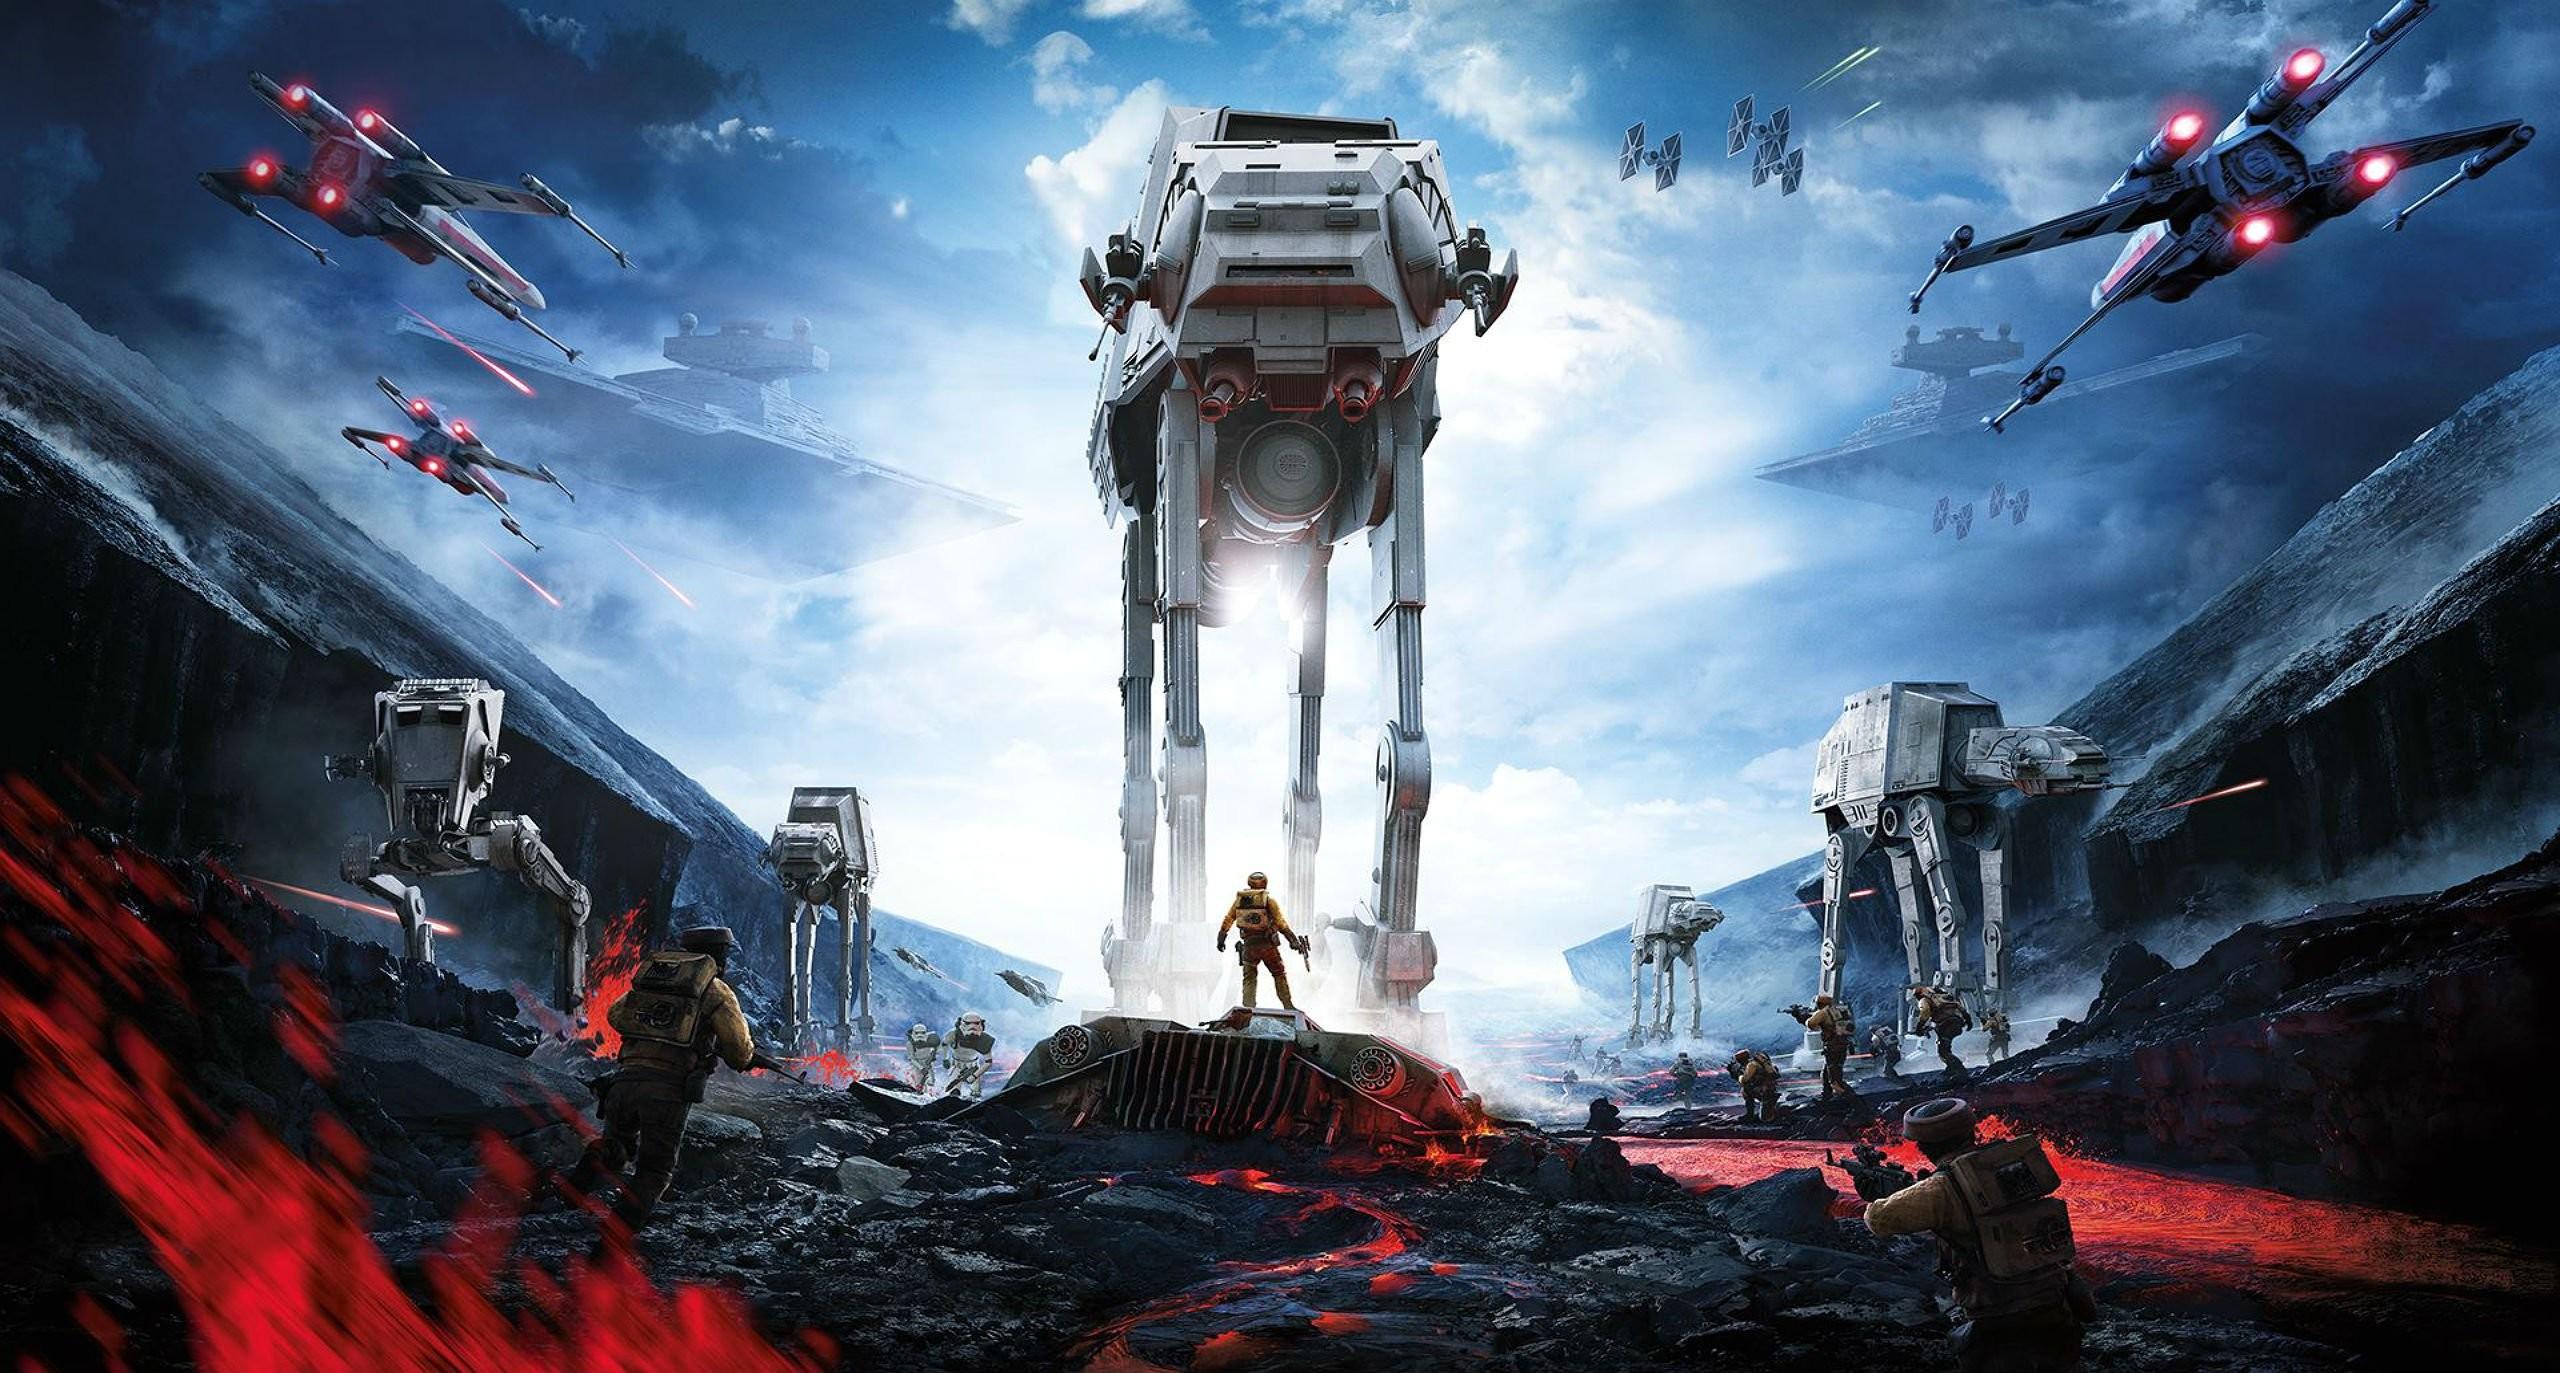 Star wars hintergrund 4k